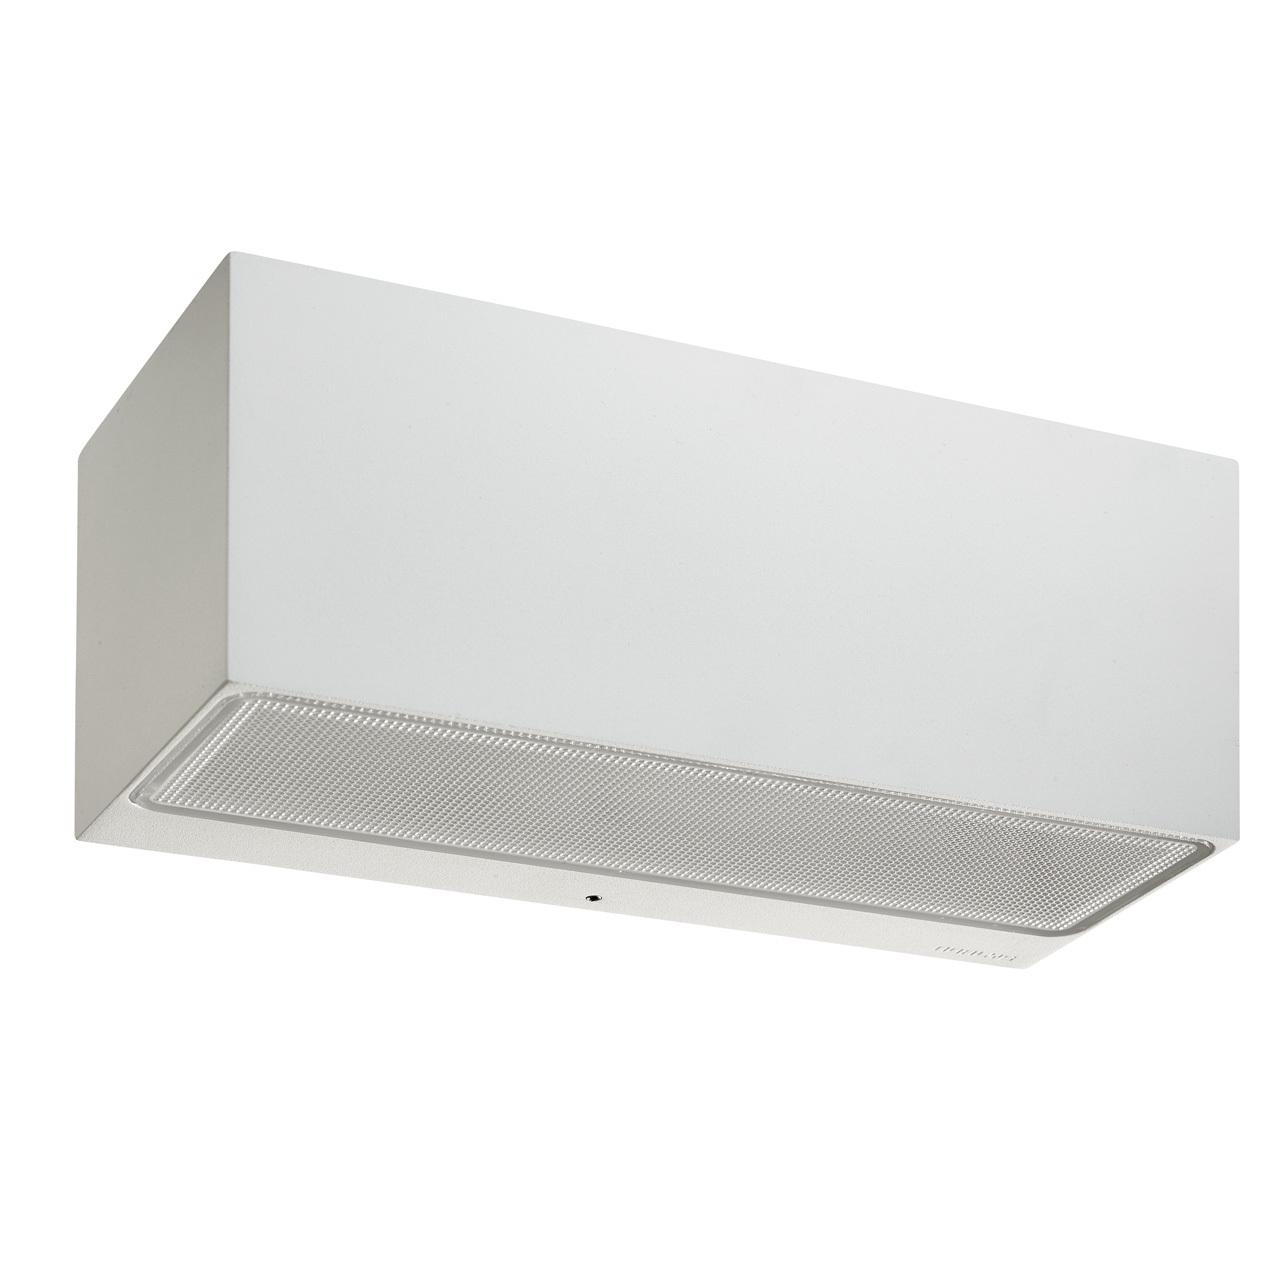 Lampa ścienna ASKER LED 1510W -Norlys  SPRAWDŹ RABATY  5-10-15-20 % w koszyku